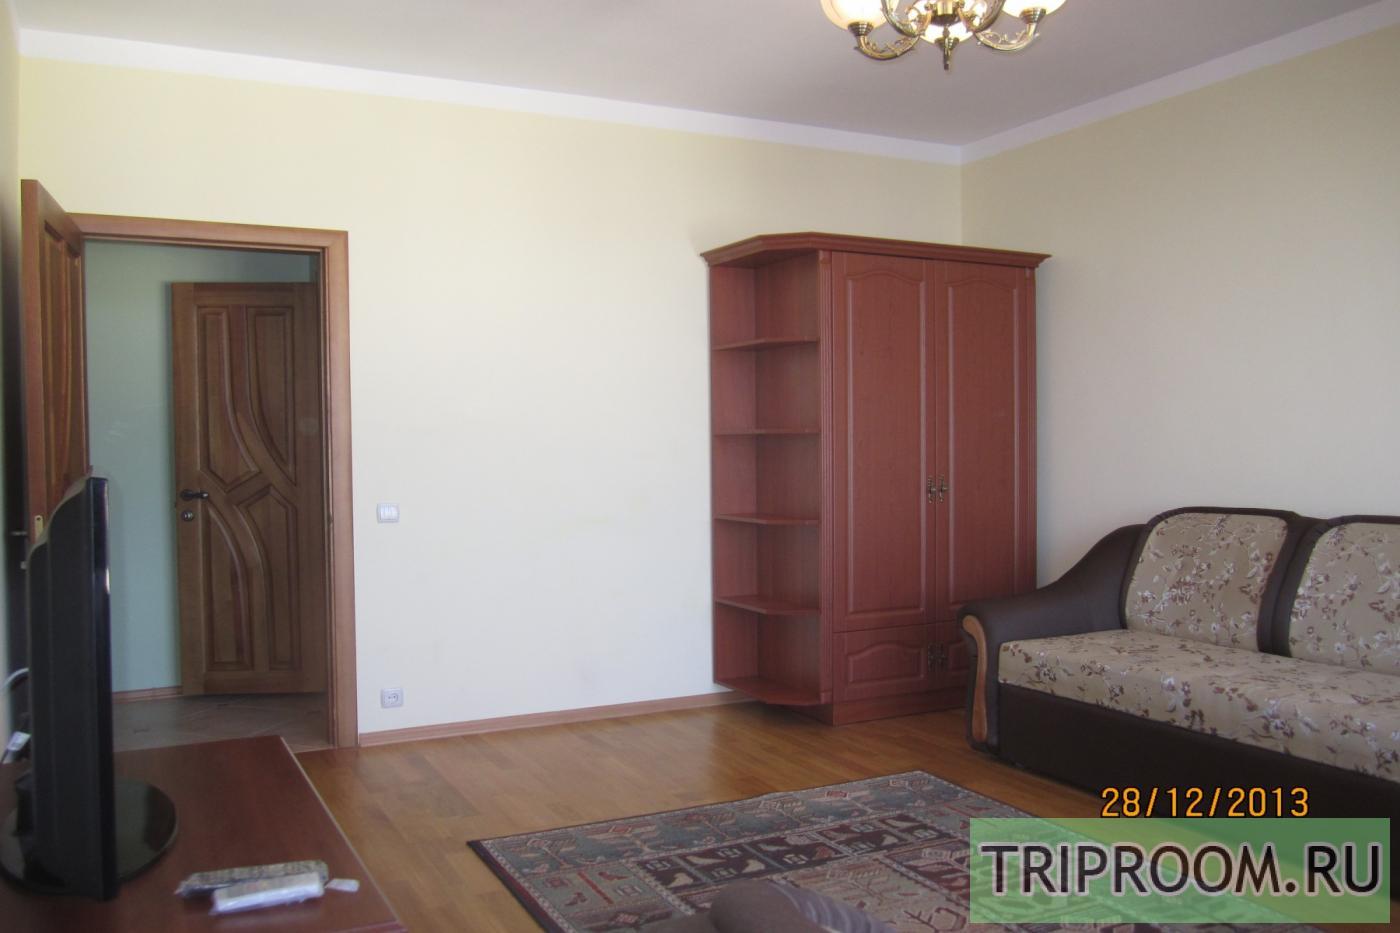 2-комнатная квартира посуточно (вариант № 23105), ул. Челнокова, фото № 3